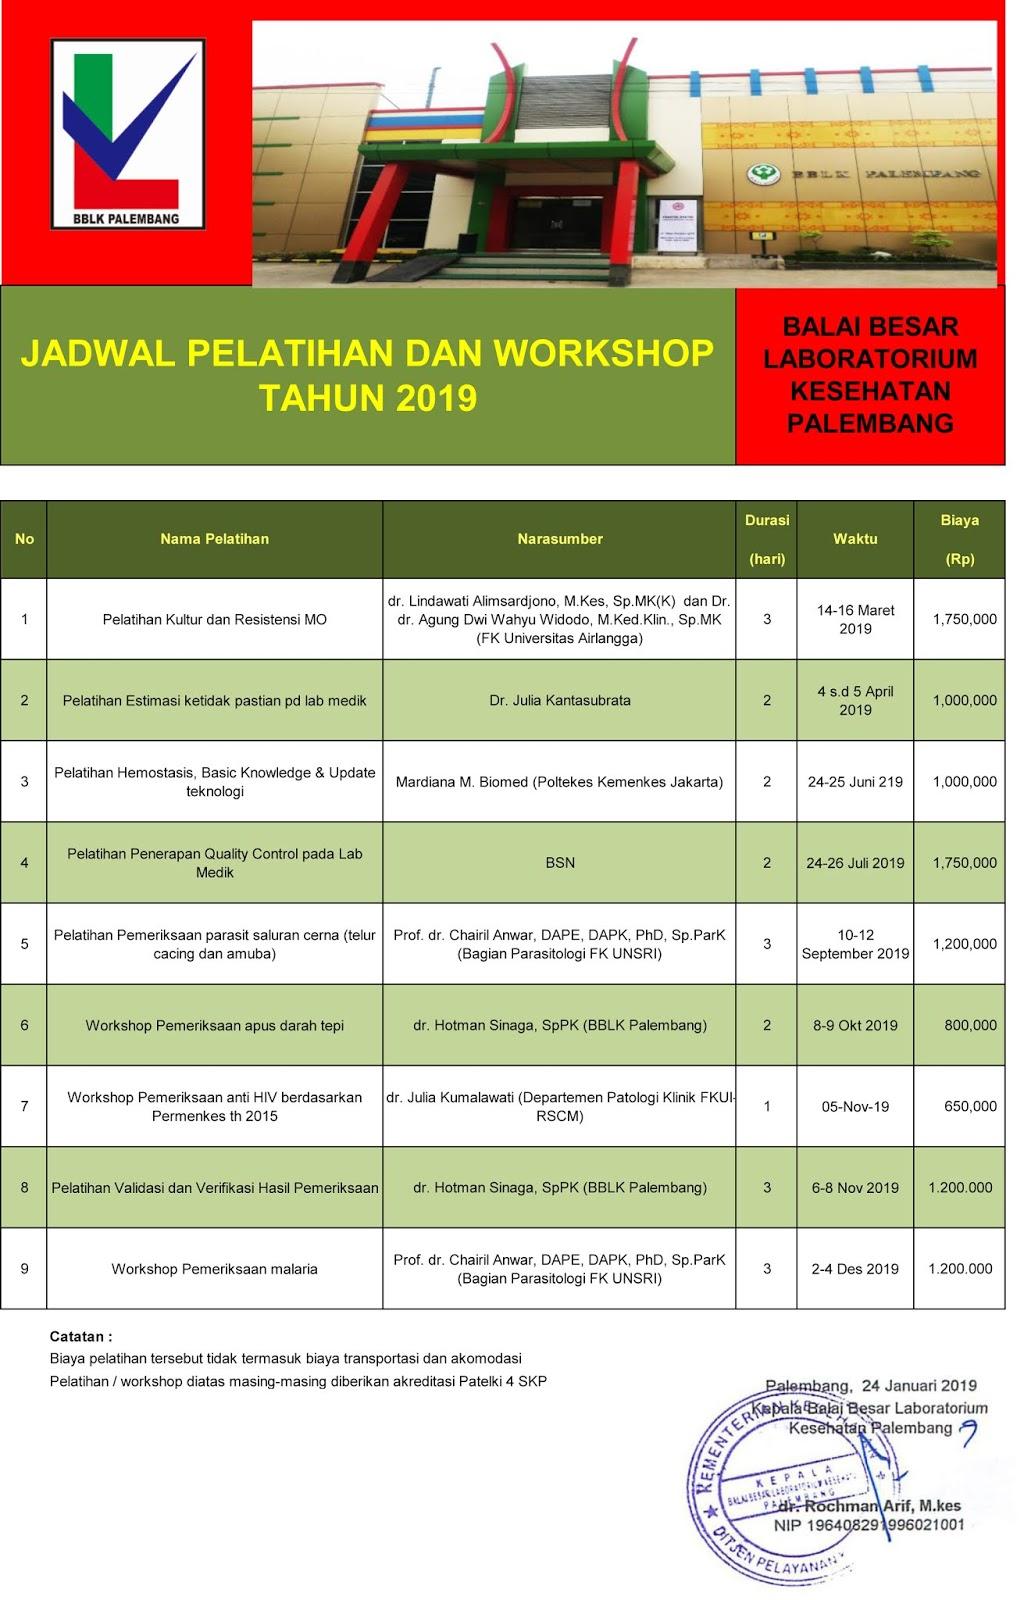 Jadwal Pelatihan dan Workshop tahun 2019 ~ BBLK Palembang